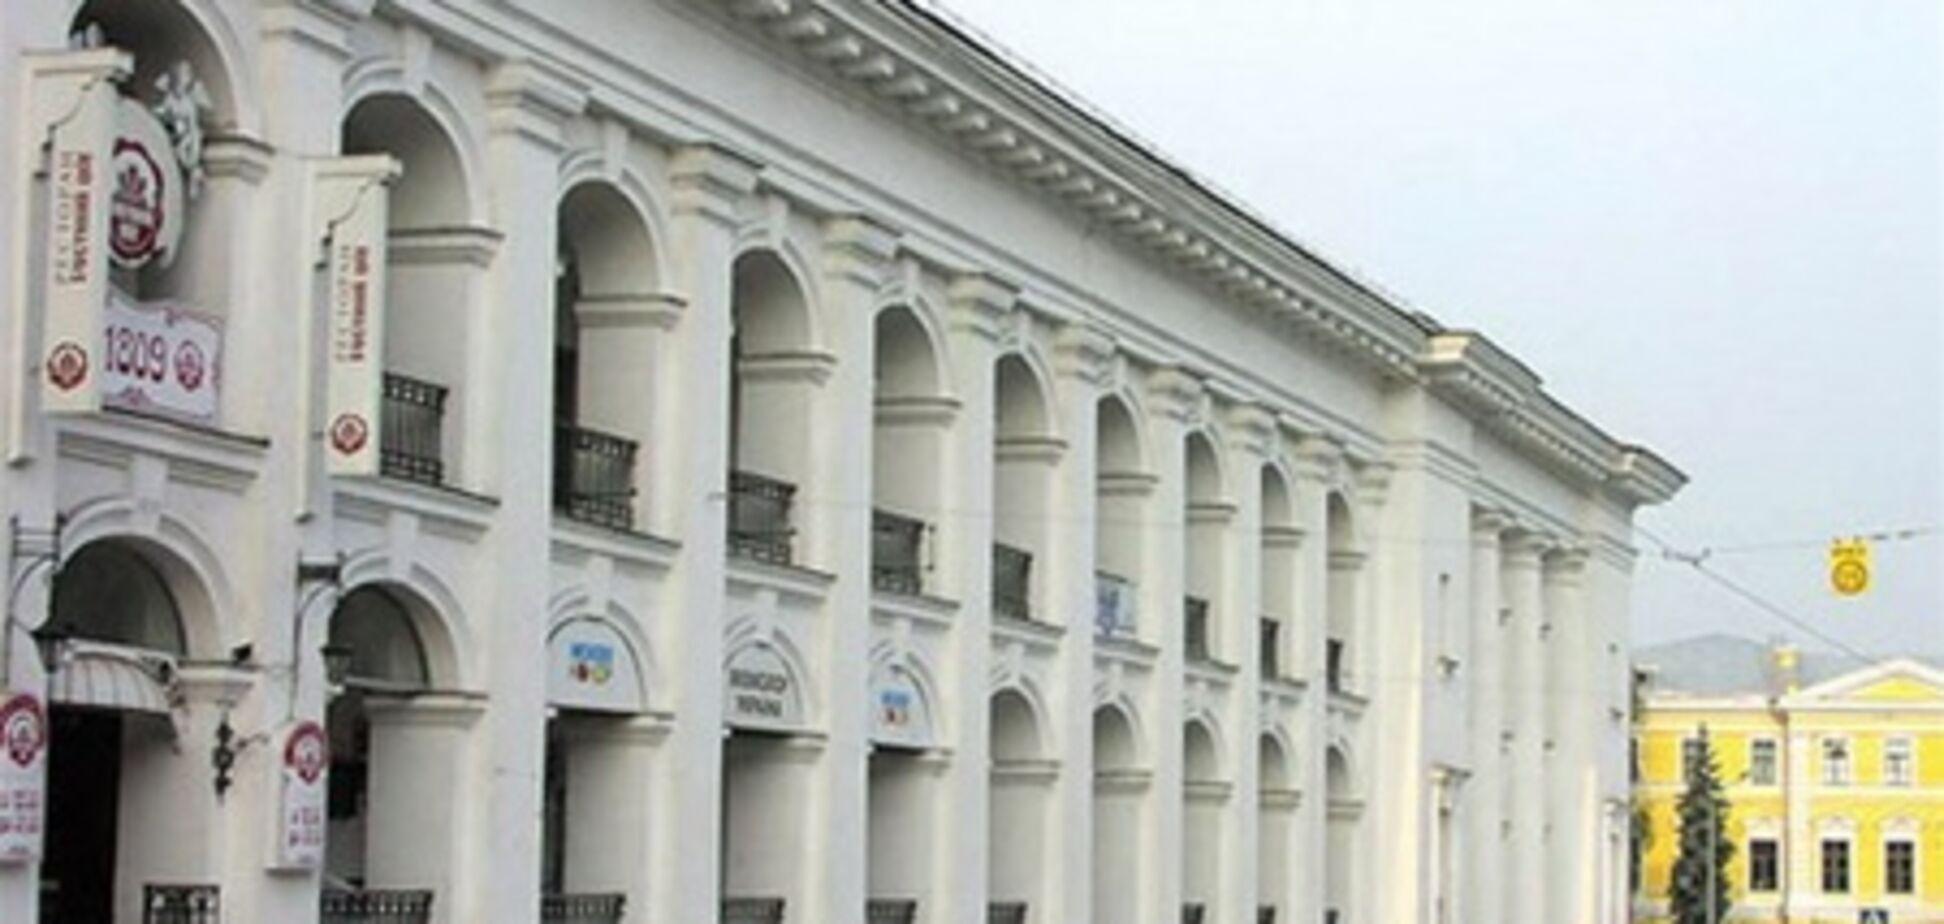 Прокуратура зобов'язала міліцію охороняти порядок в Гостиному дворі